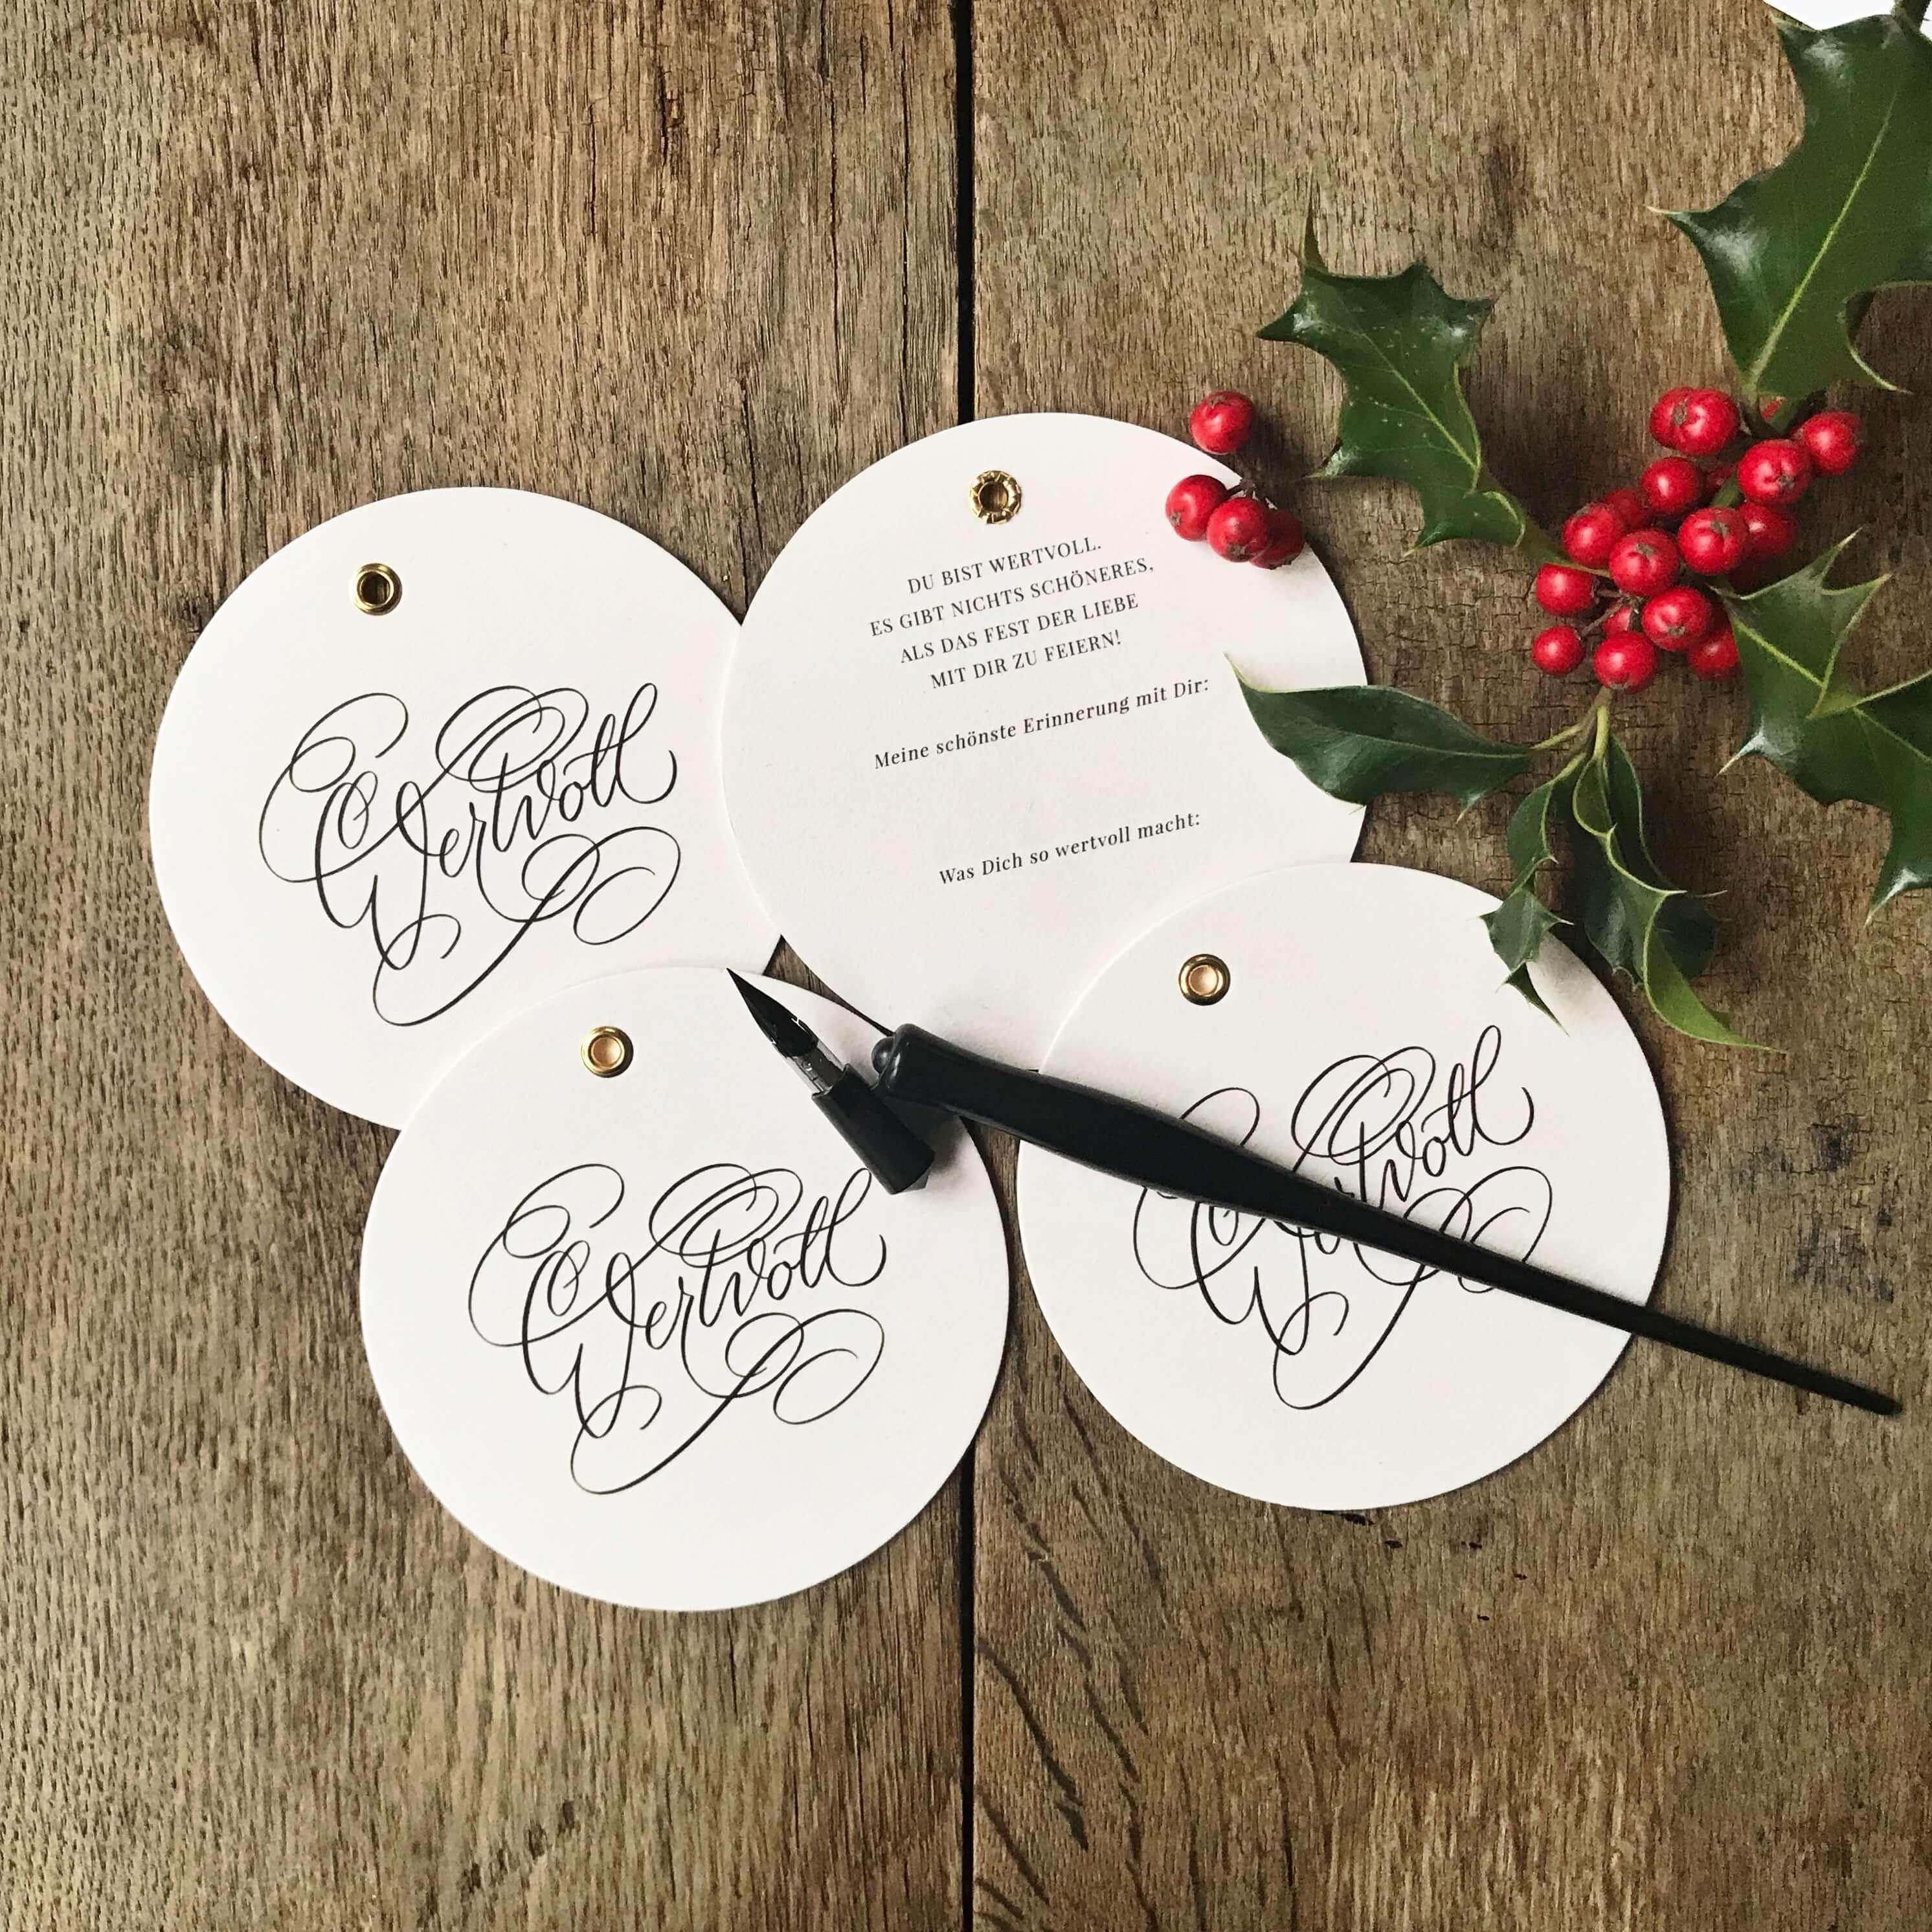 Weihnachtskugeln Kalligrafie Kalligraphie Kugeln Anhänger Weihnachten gold Weihnachtsdekoration Hand Lettering